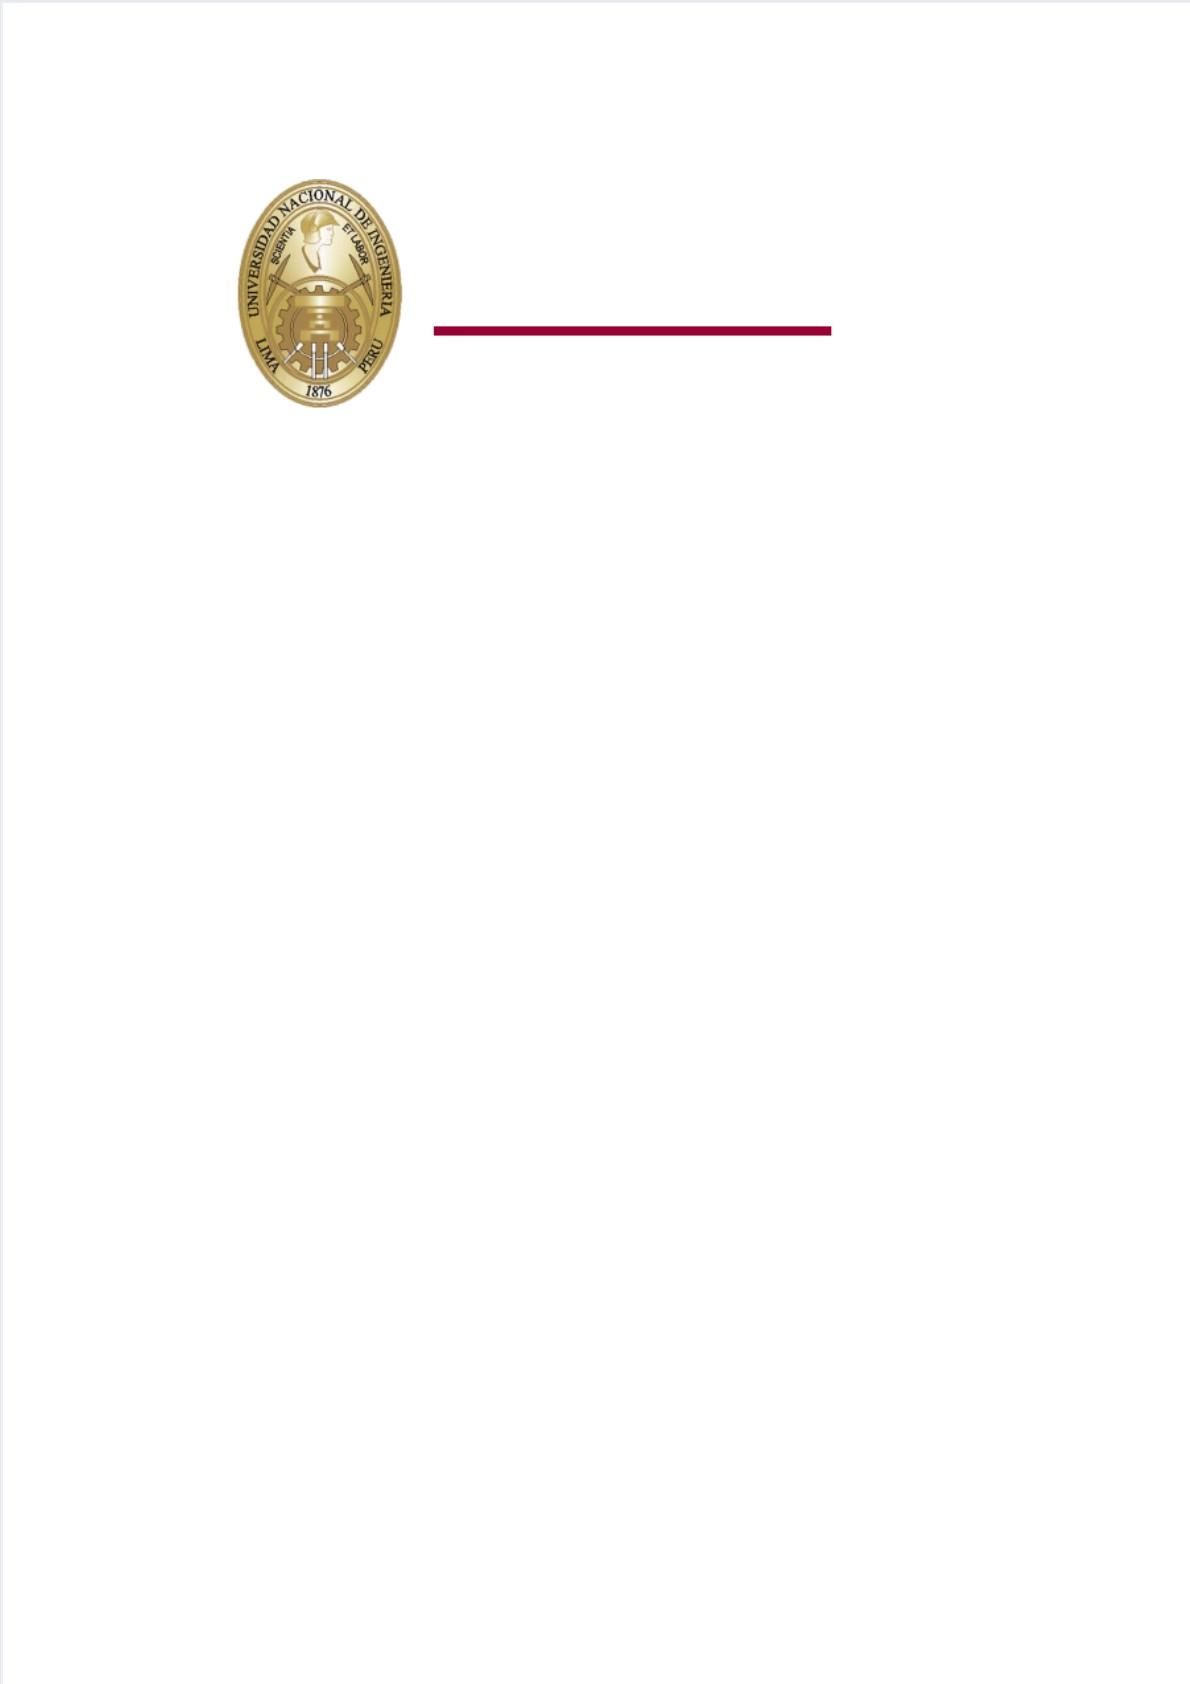 Calendario 2017 Colombia Para Imprimir Por Meses Más Arriba-a-fecha 1201 Informe Final Uni [pdf Document] Of Calendario 2017 Colombia Para Imprimir Por Meses Más Caliente Anuncios Calendario 2019 Para Imprimir De Colombia